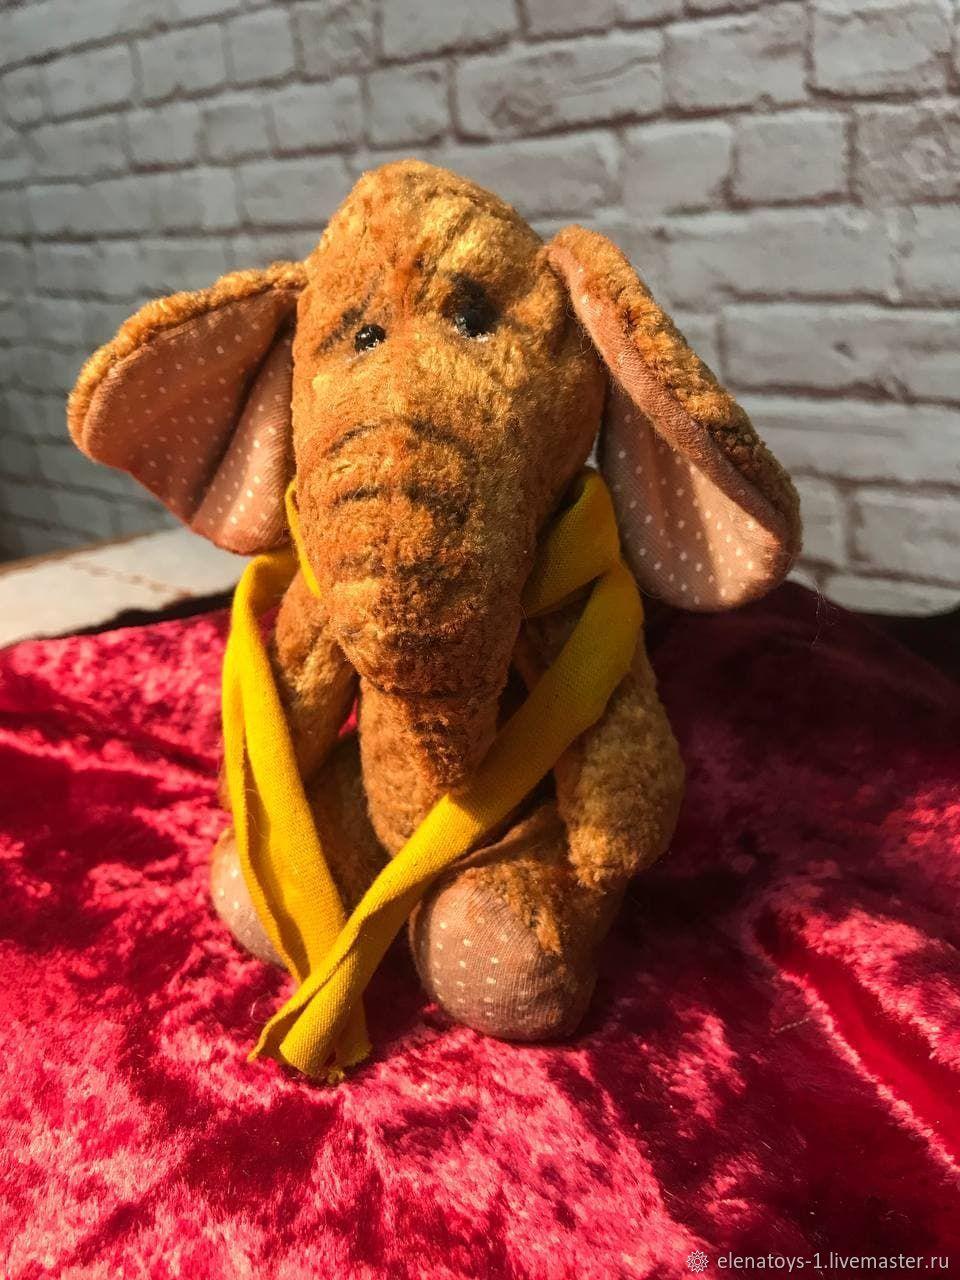 Винтаж: Винтажный слоник, Куклы винтажные, Калининская,  Фото №1